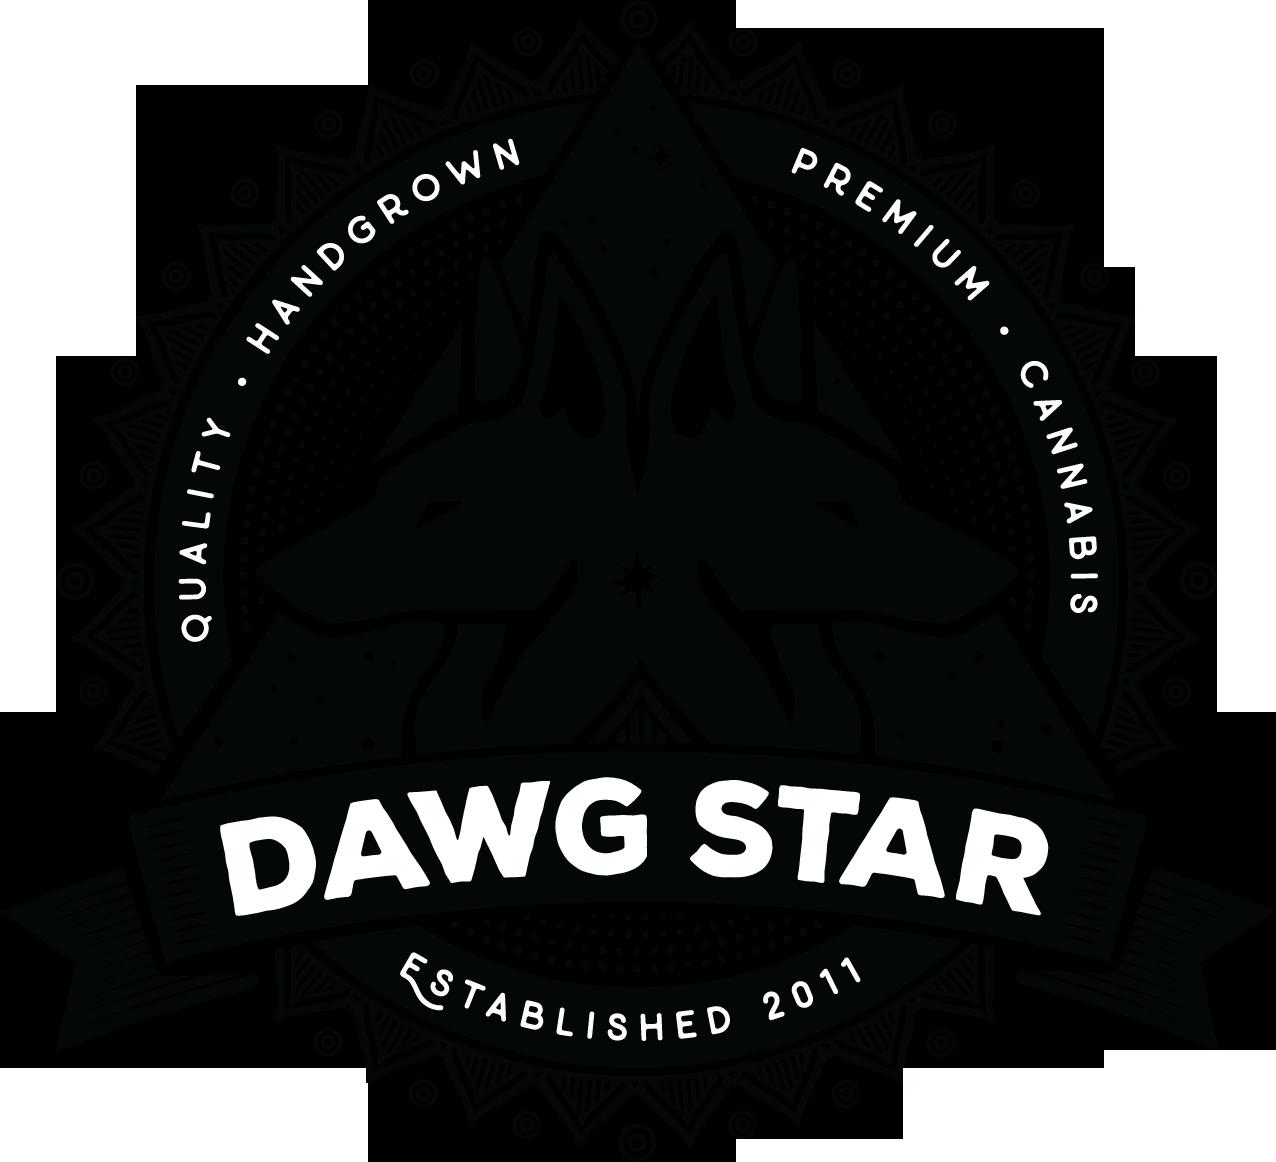 Dawgstar.png